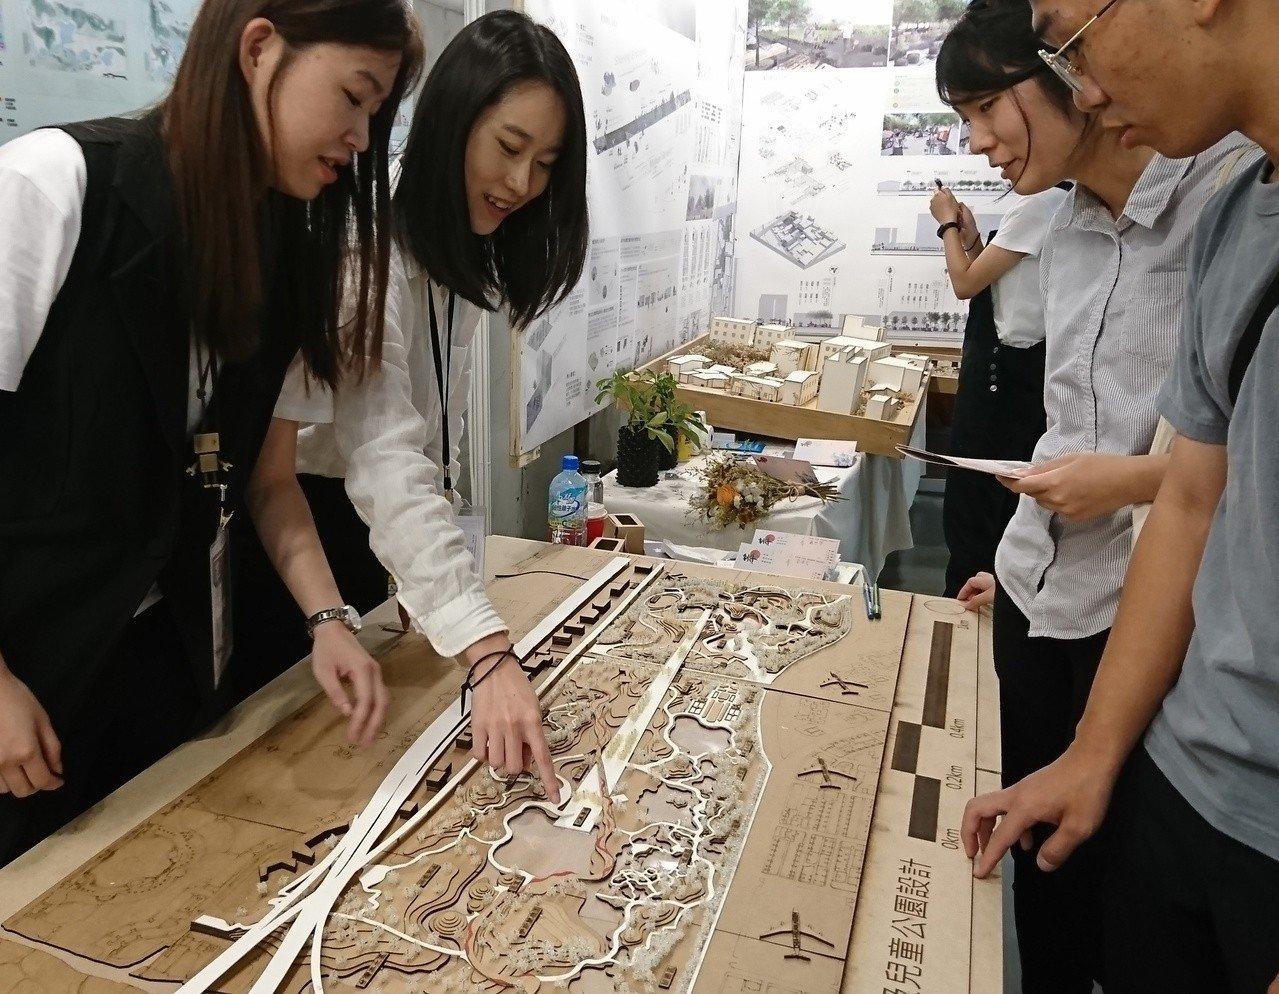 中原景觀系學生設計台北與松山機場釋出的綠地空間規畫,在全國景觀新秀展表現突出。